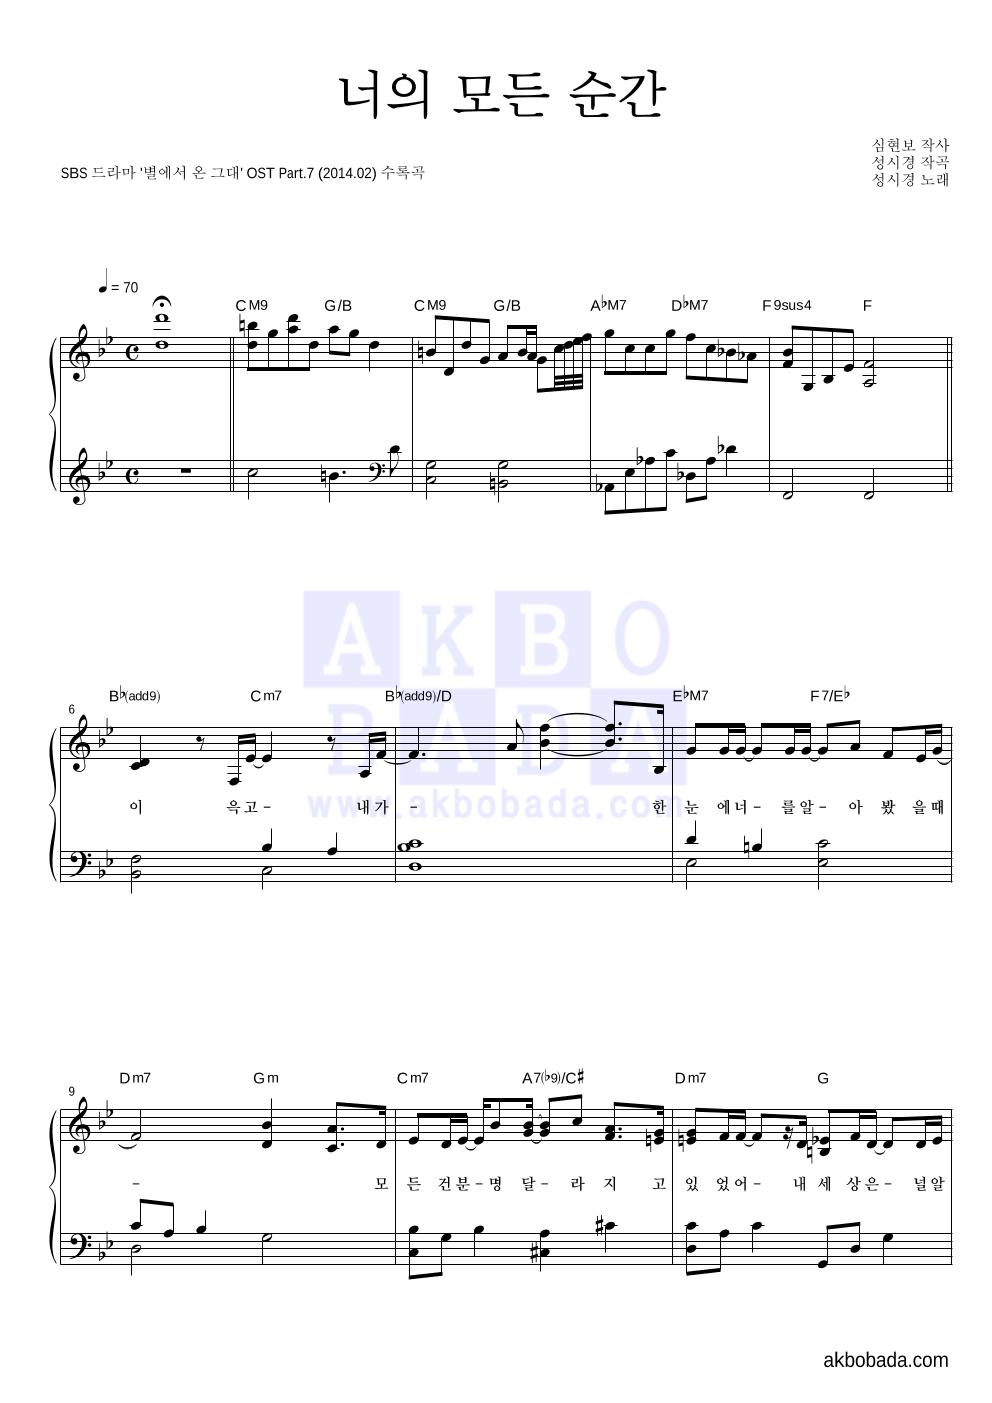 성시경 - 너의 모든 순간 피아노 2단 악보